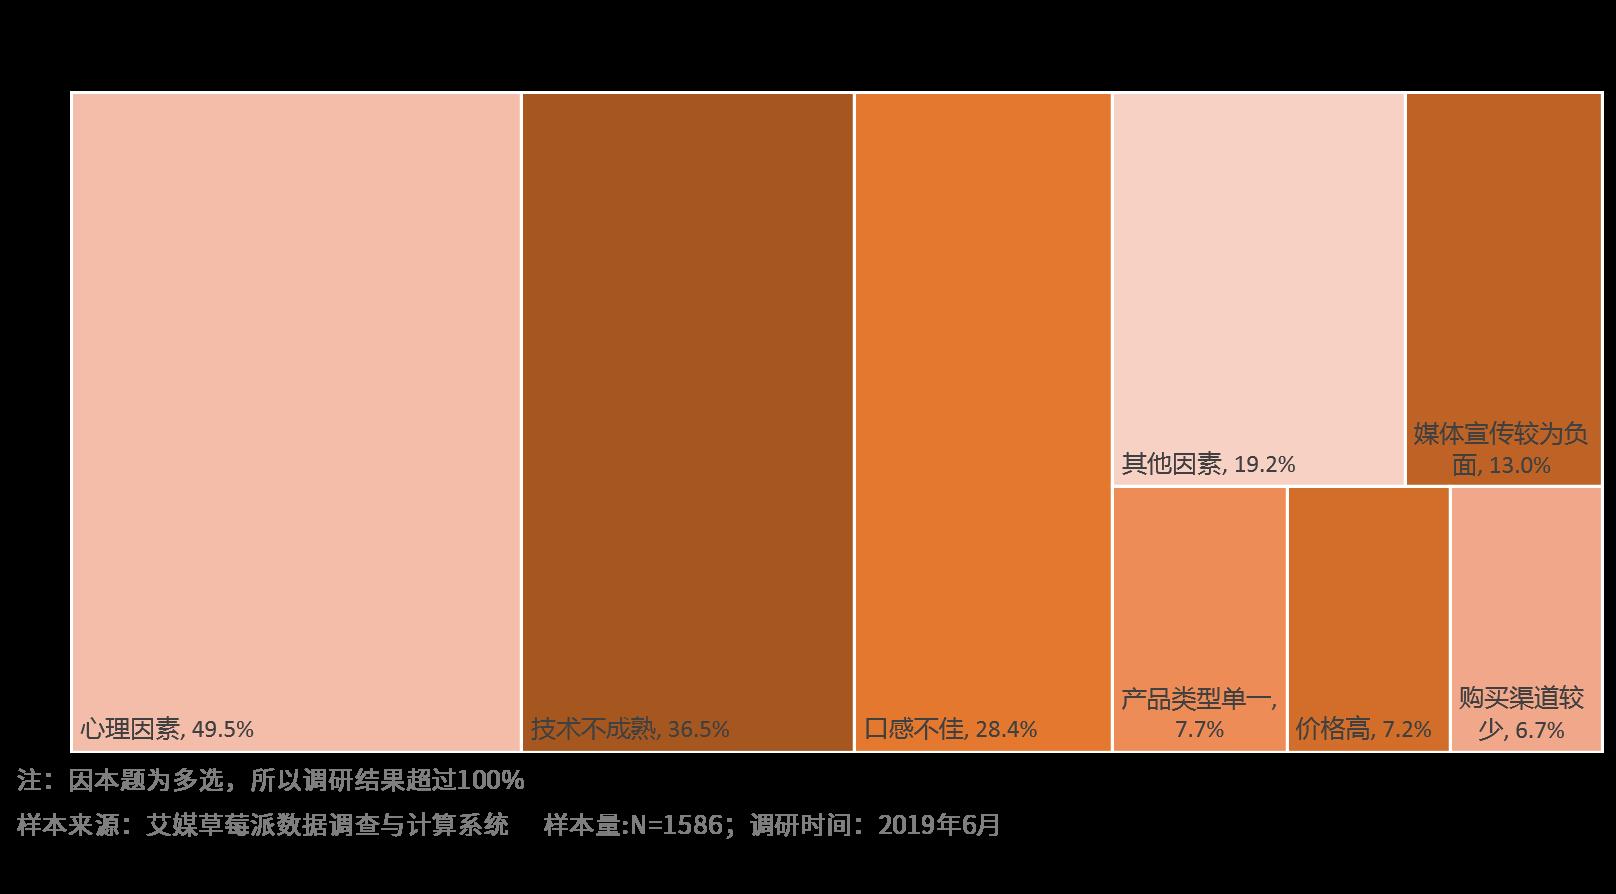 2019年中国消费者方案人造肉原因分布